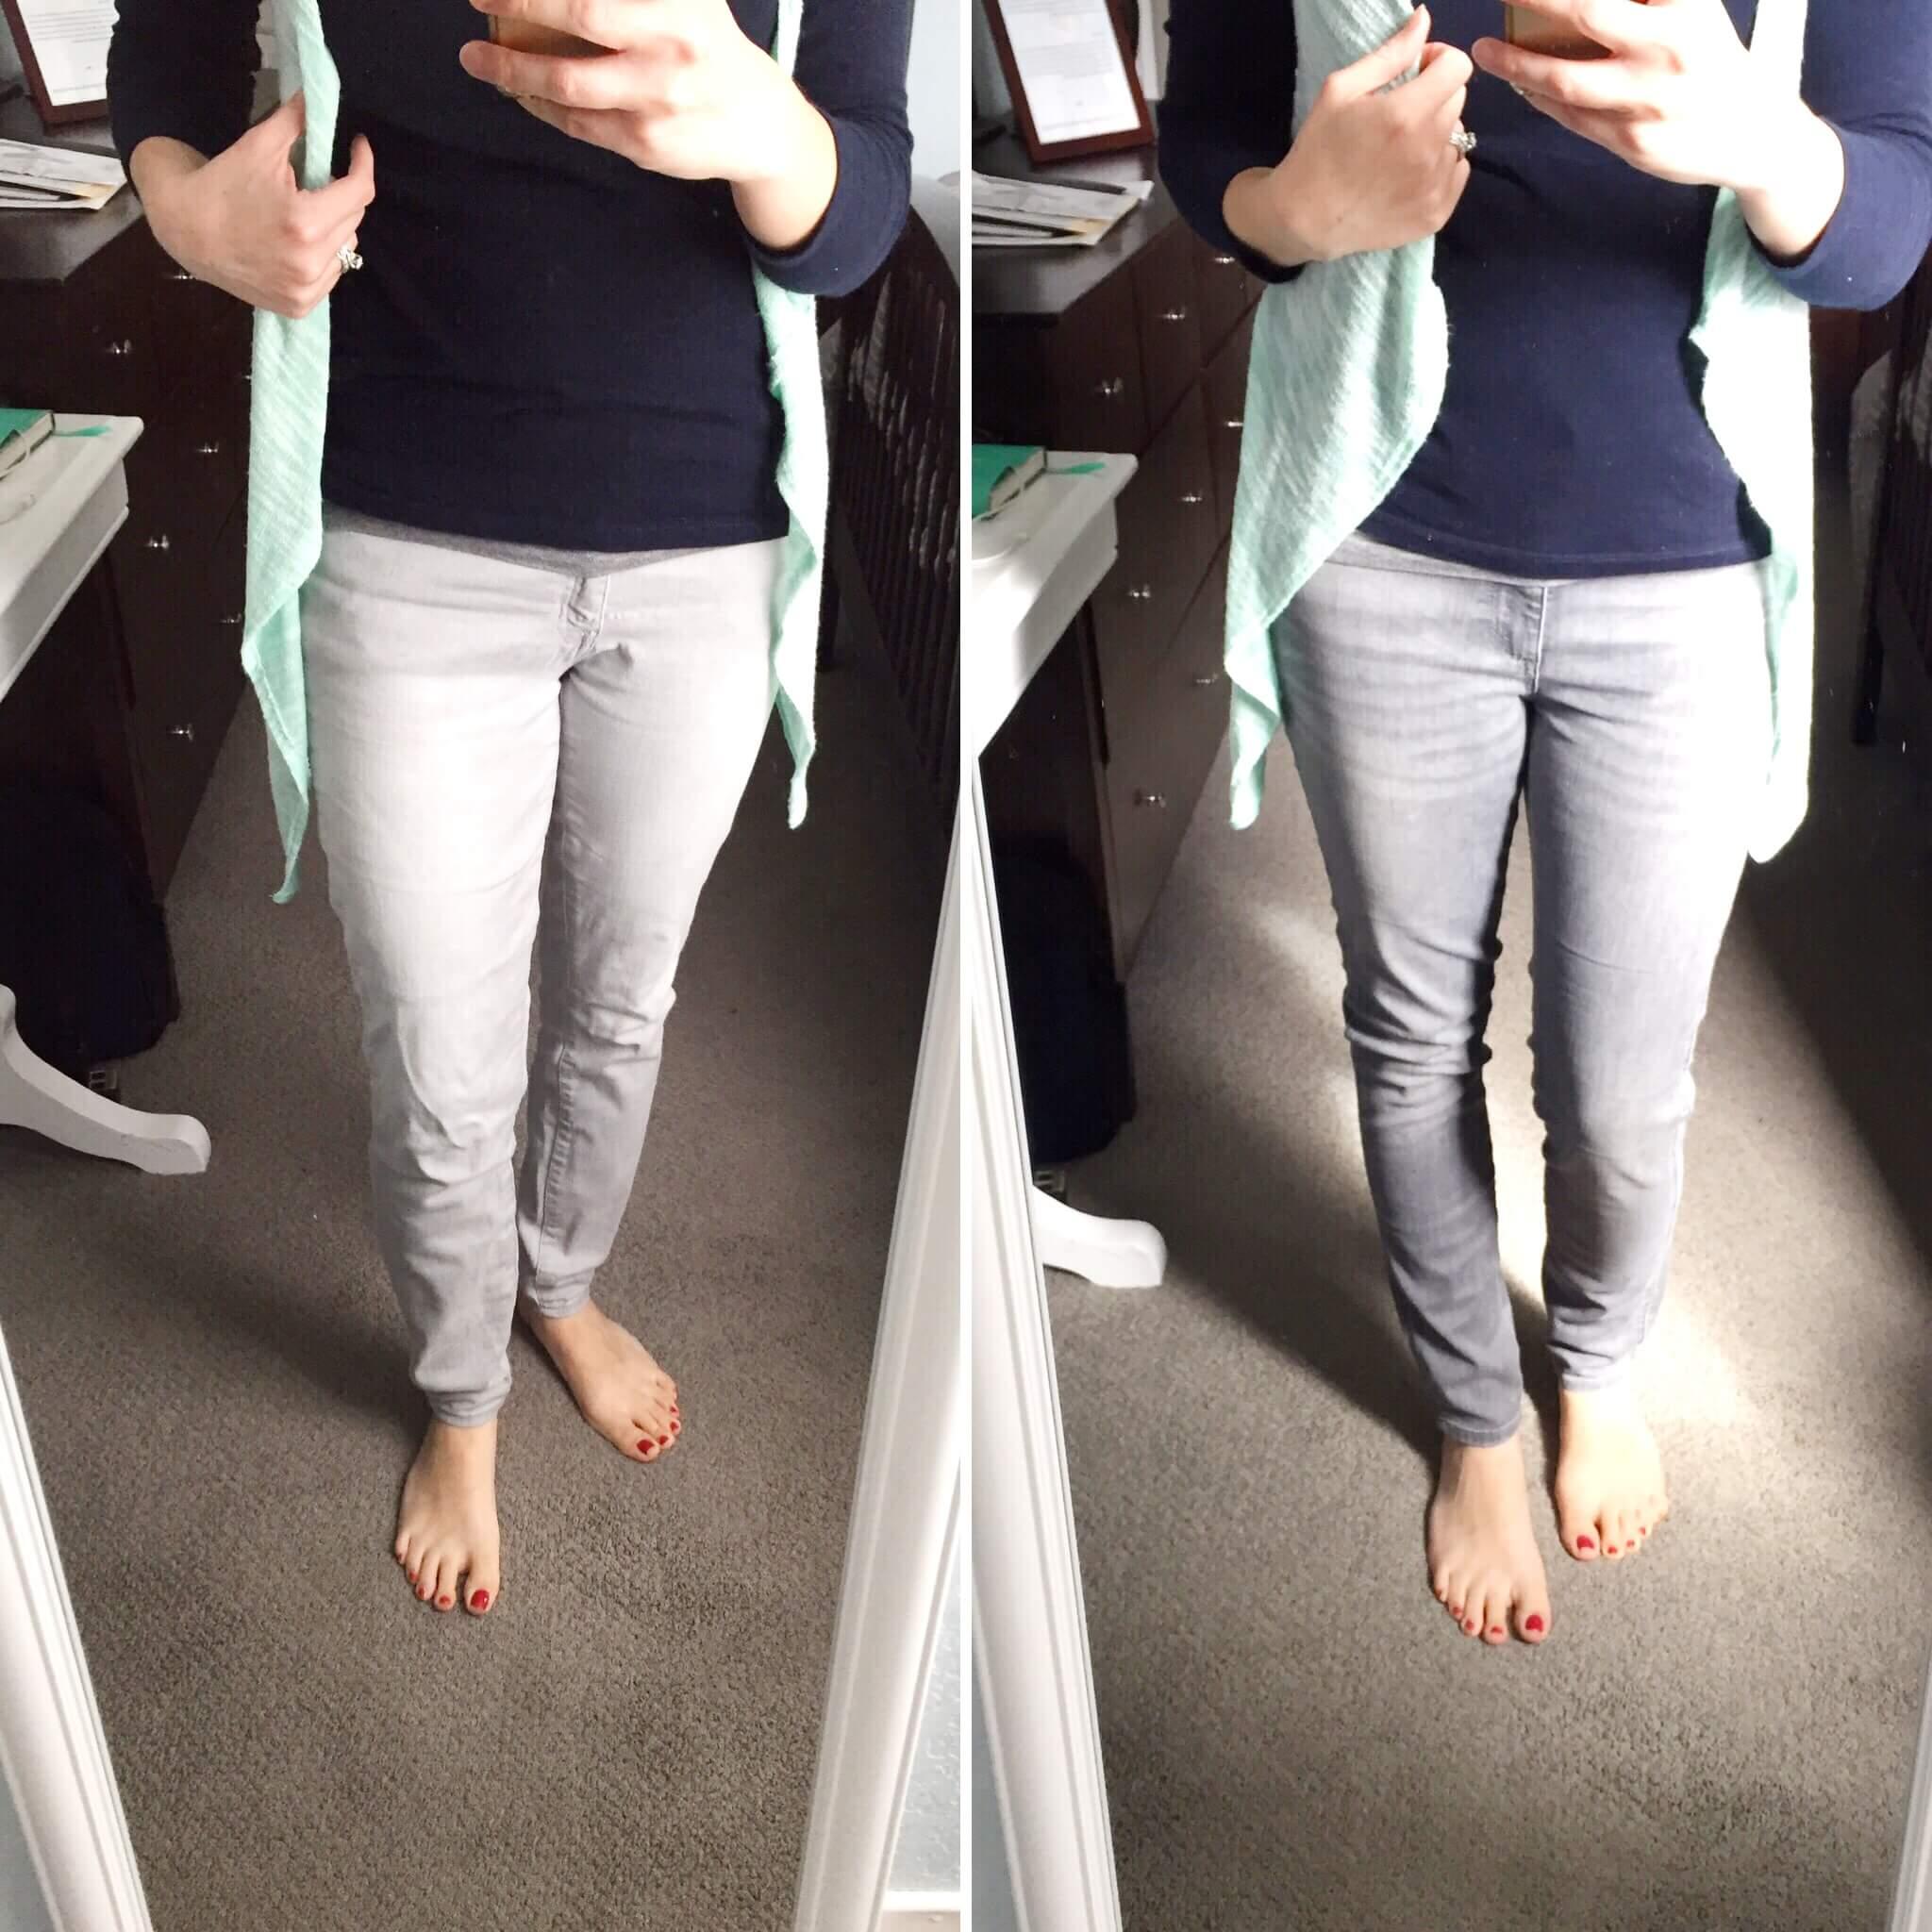 L: GAP Legging Jeans from Poshmark ($13) R: GAP legging Jeans NEW ($32)